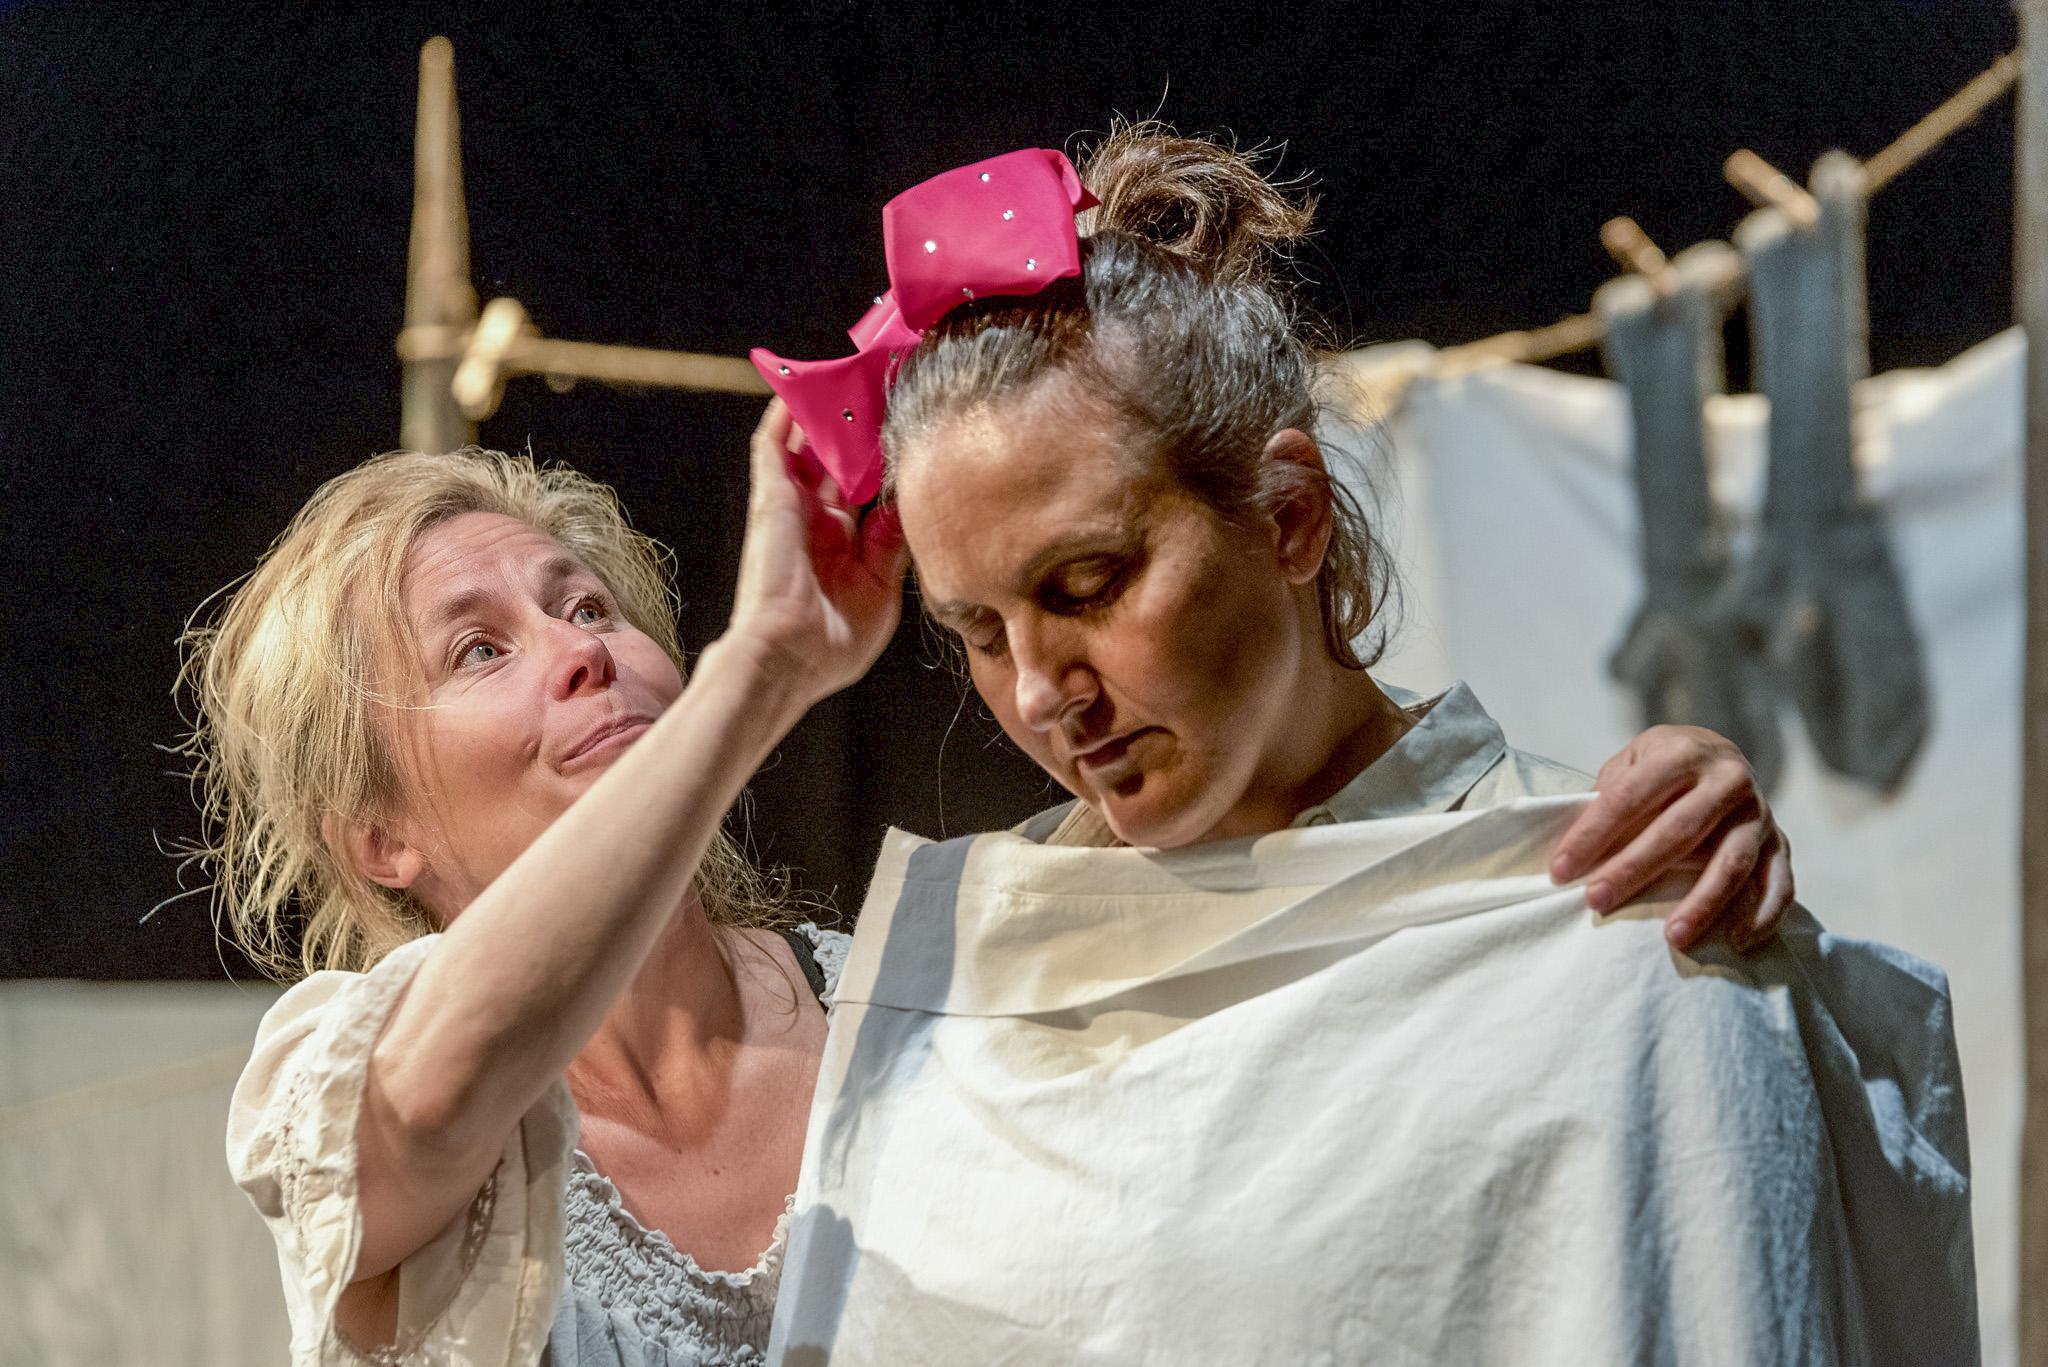 Nainen asettelee rusettia toisen naisen päähän.